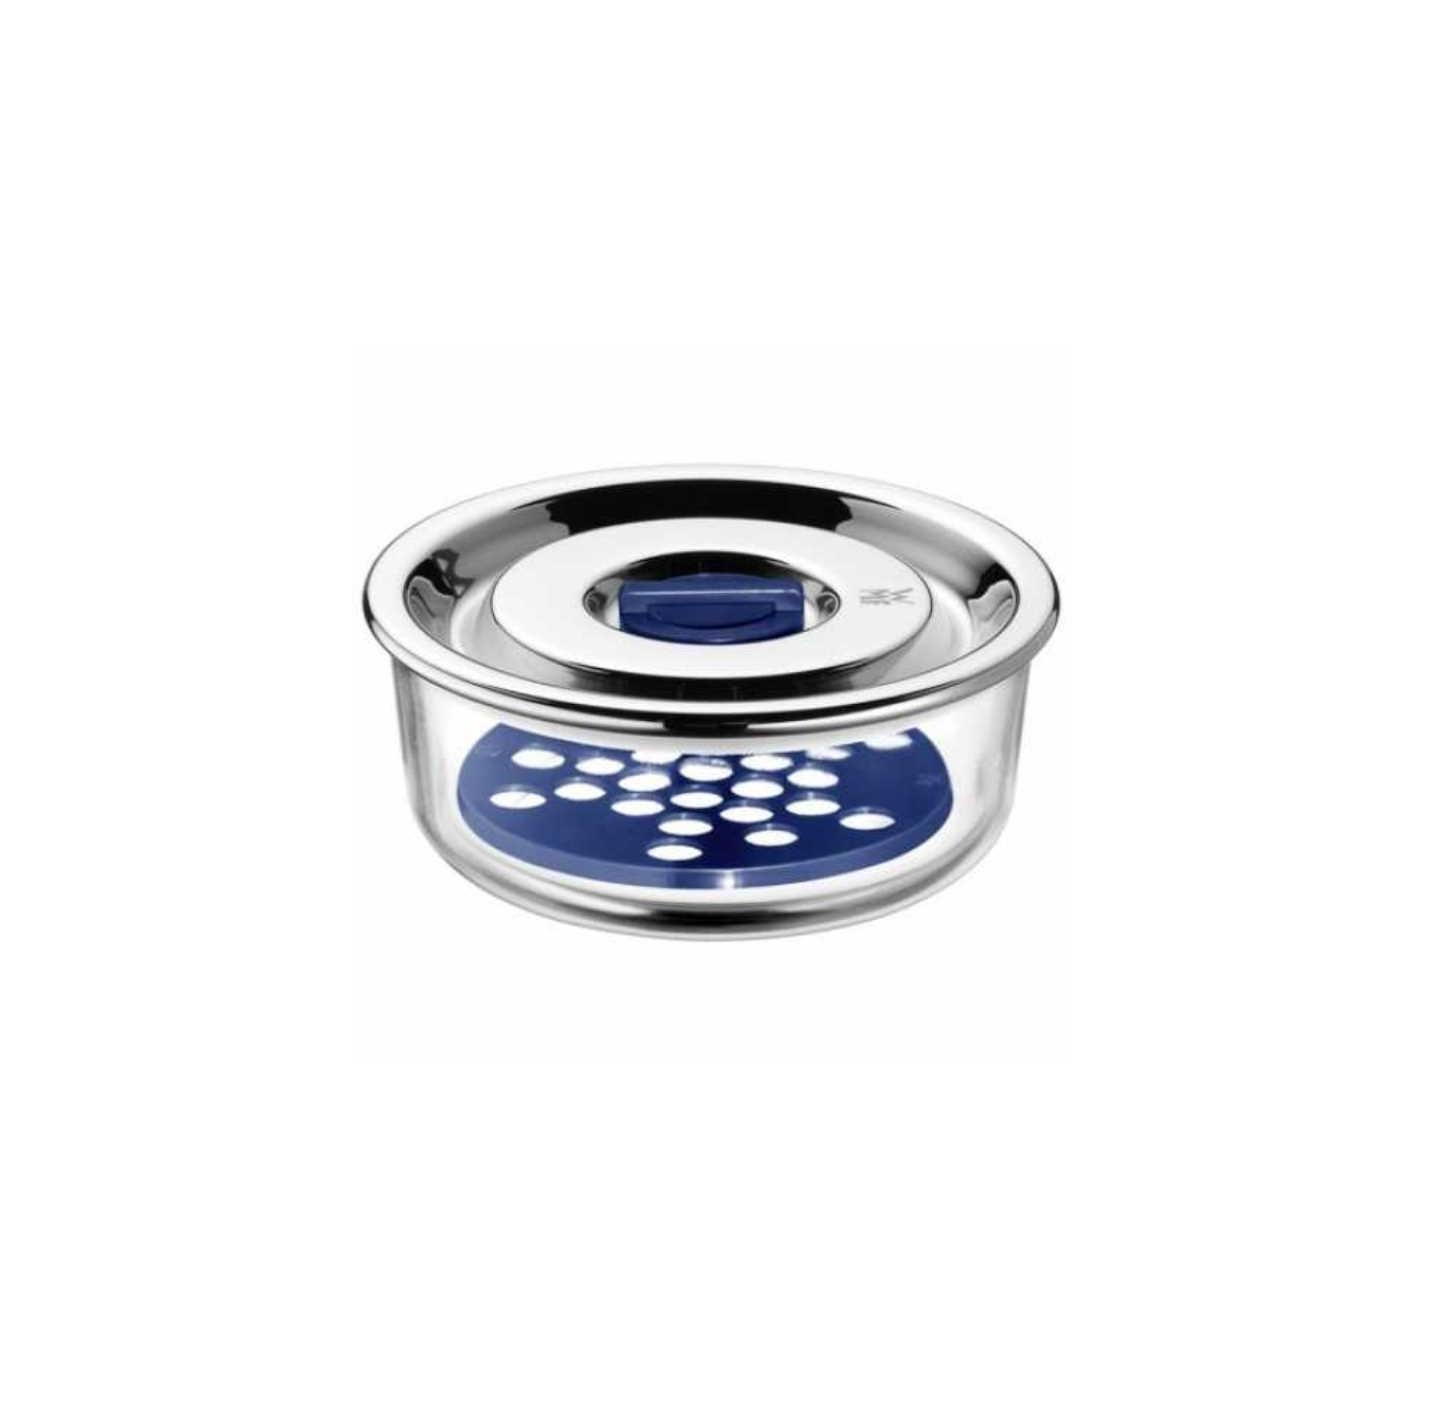 Емкость с крышкой для продуктов WMF, диаметр 13 см WMF 06 5485 6020 фото 1